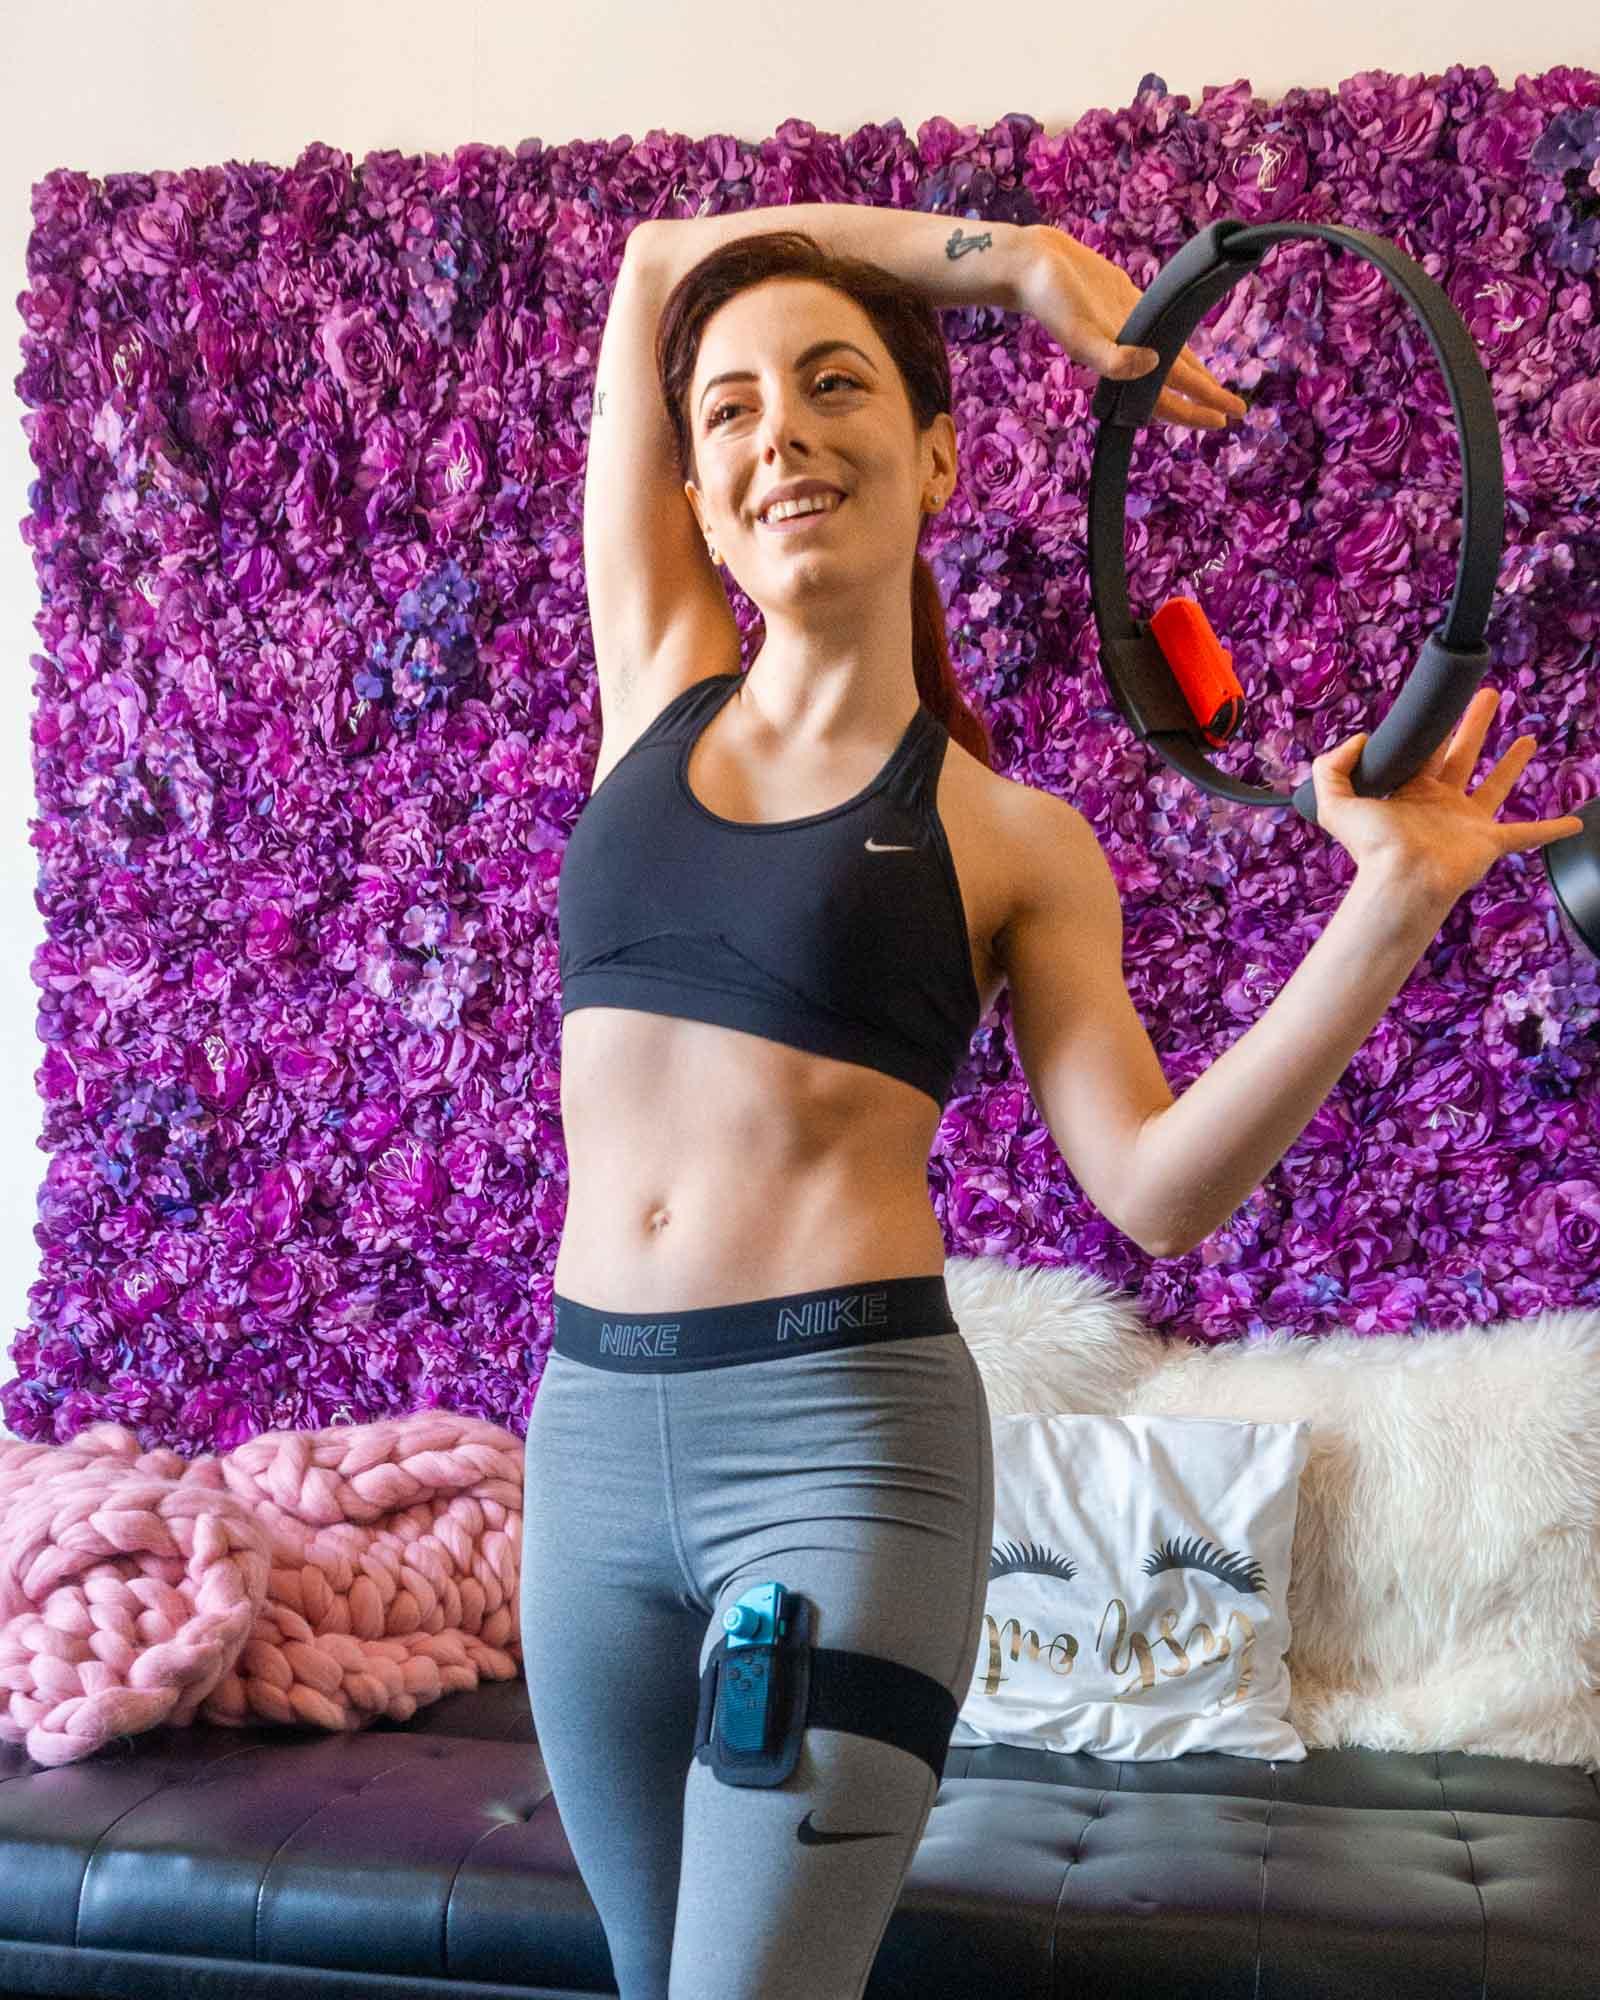 Francesca gioca con ring fit adventure, gioco switch per fare sport in casa